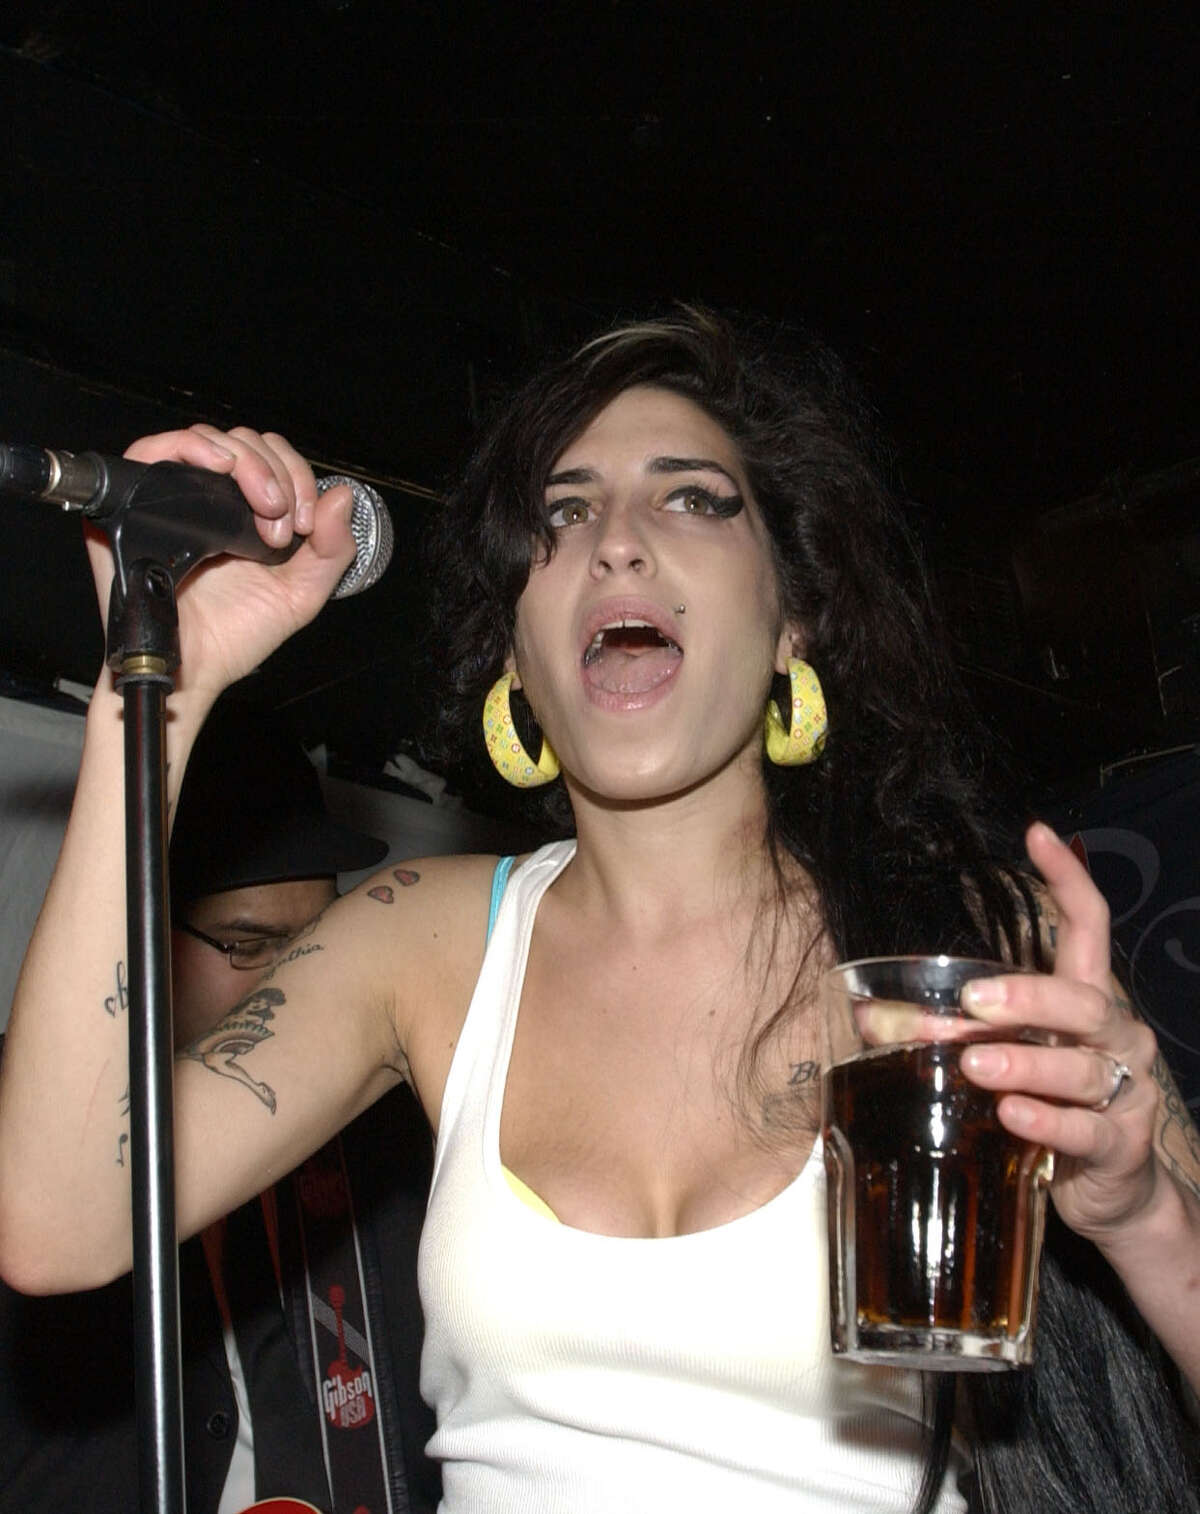 LONDRES - 19 DE ABRIL: Amy Winehouse actúa en directo en el Castillo de Dublín como parte de The Camden Crawl el 19 de abril de 2007 en Londres, Inglaterra.  (Foto de Samir Hussein / Getty Images)